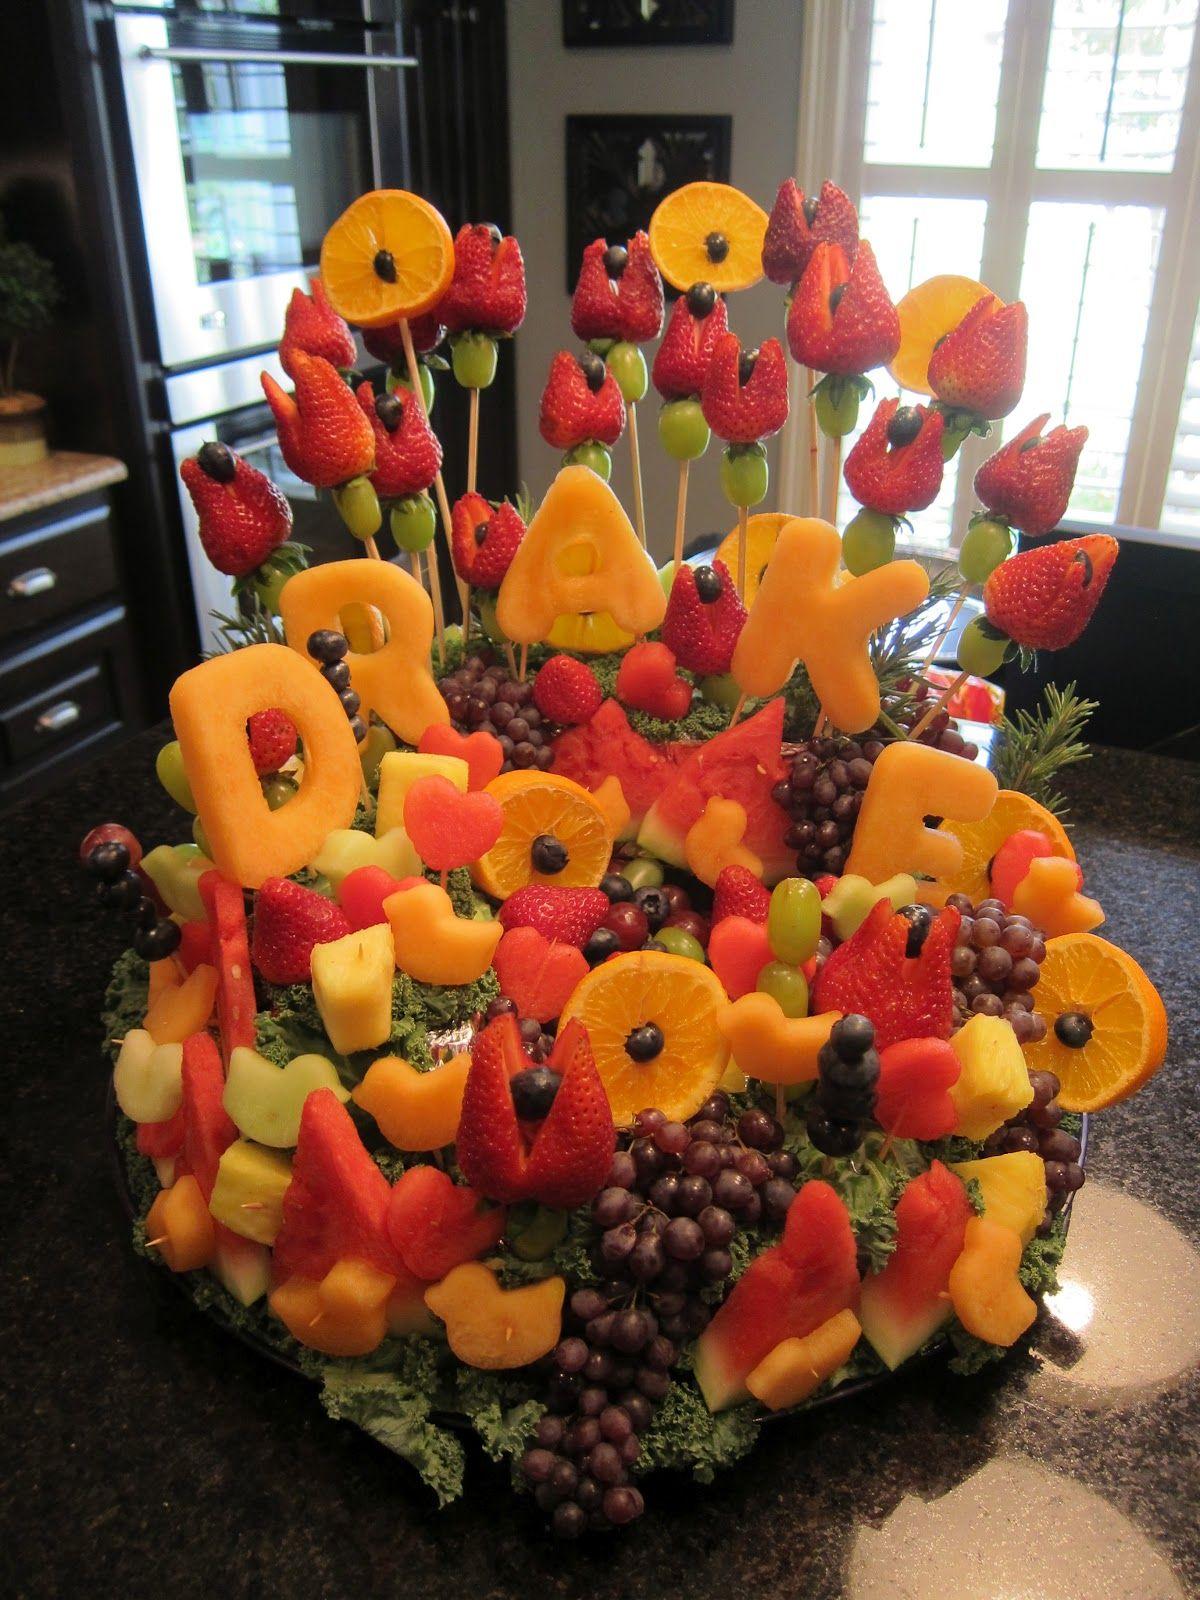 Fruit Platter wedding party shower ideas Pinterest